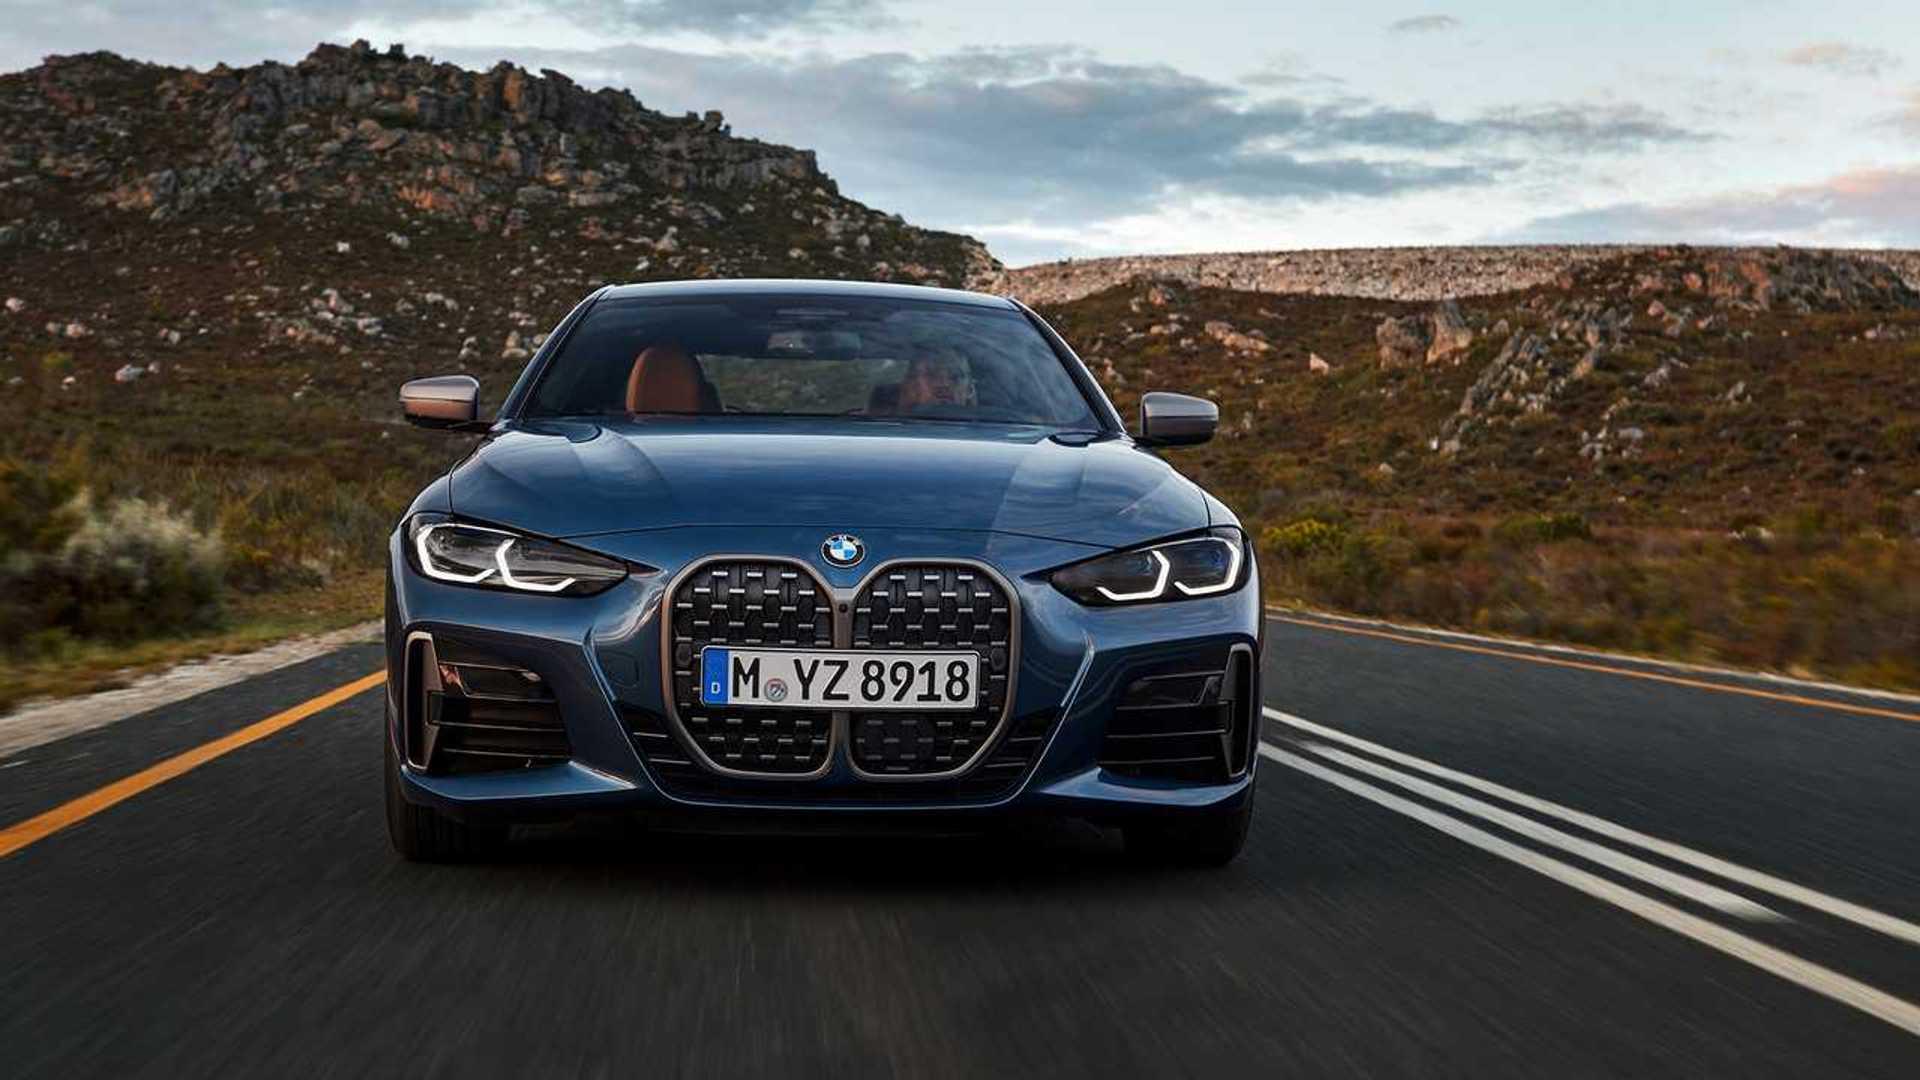 BMW 4 Serisi'nin devasa ızgarası, diğer modellere sıçramayacak